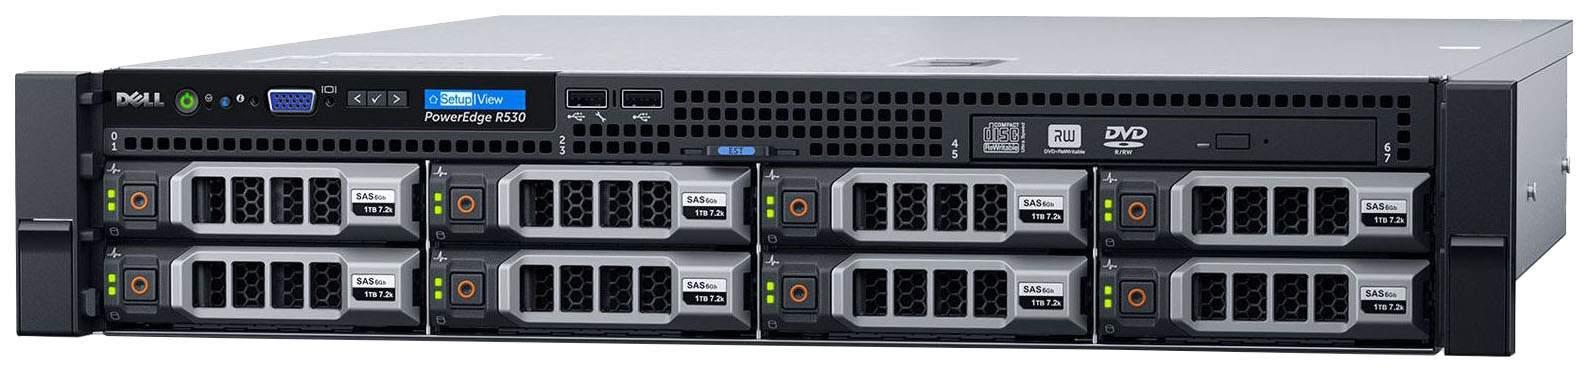 Сервер (б/у) Dell PowerEdge R530 (2R63C92)